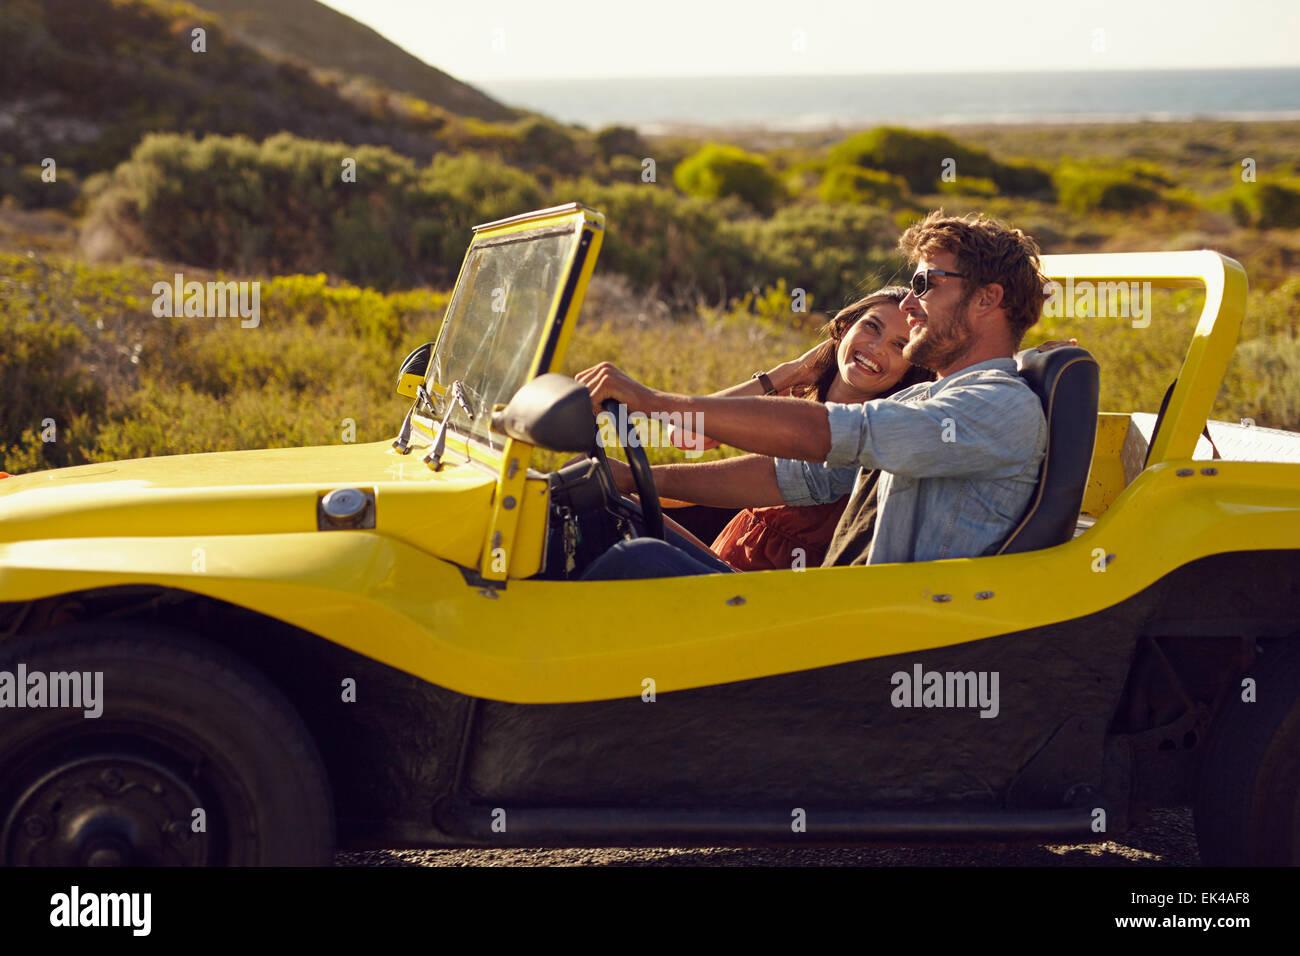 Sonriendo par ir de vacaciones juntos en un día de verano. Joven con su novia en un viaje por carretera en Imagen De Stock